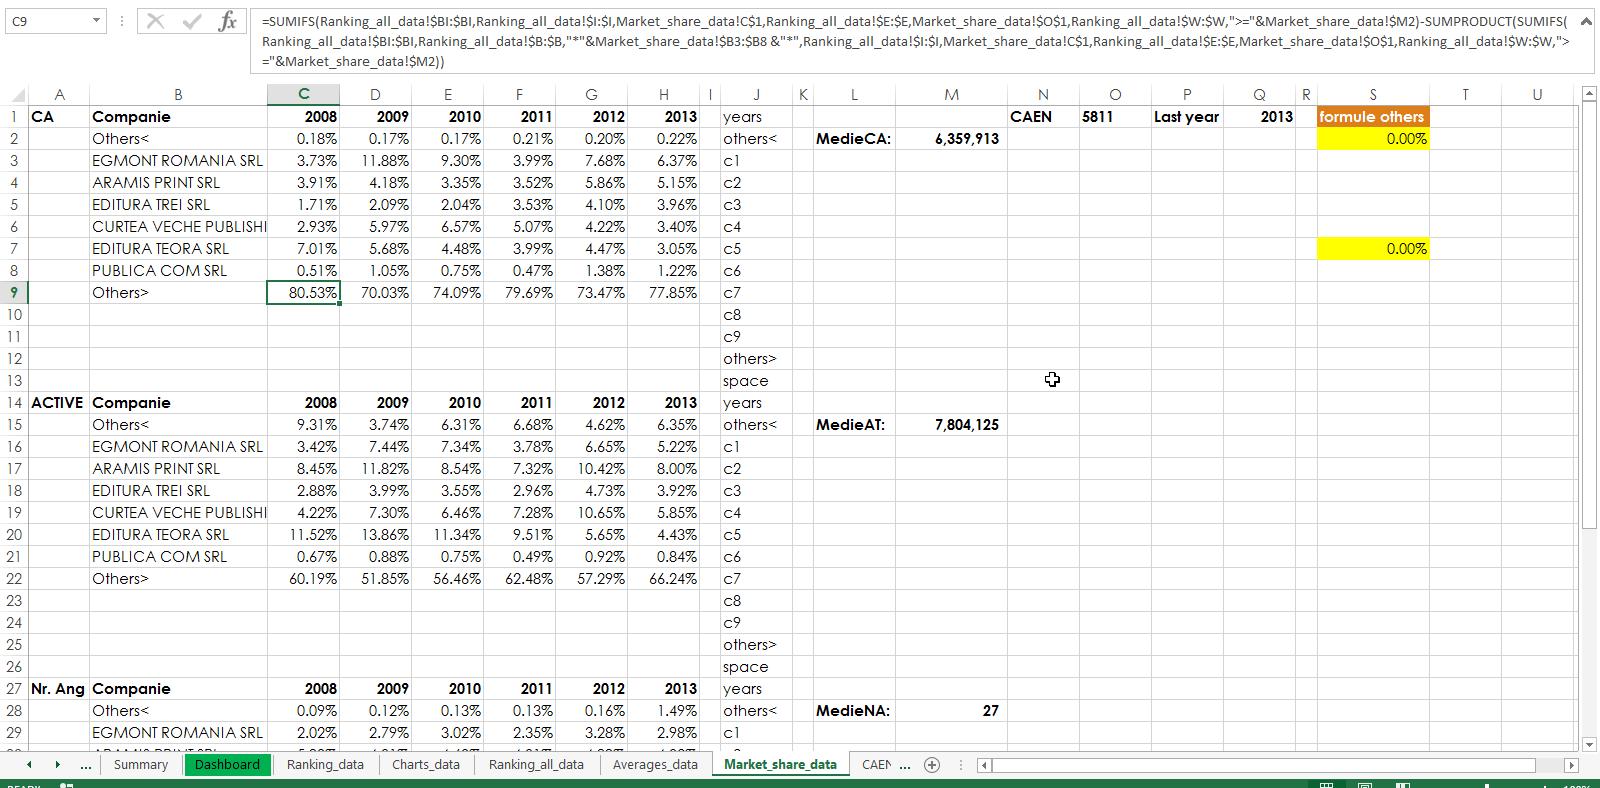 4.Market Share Data